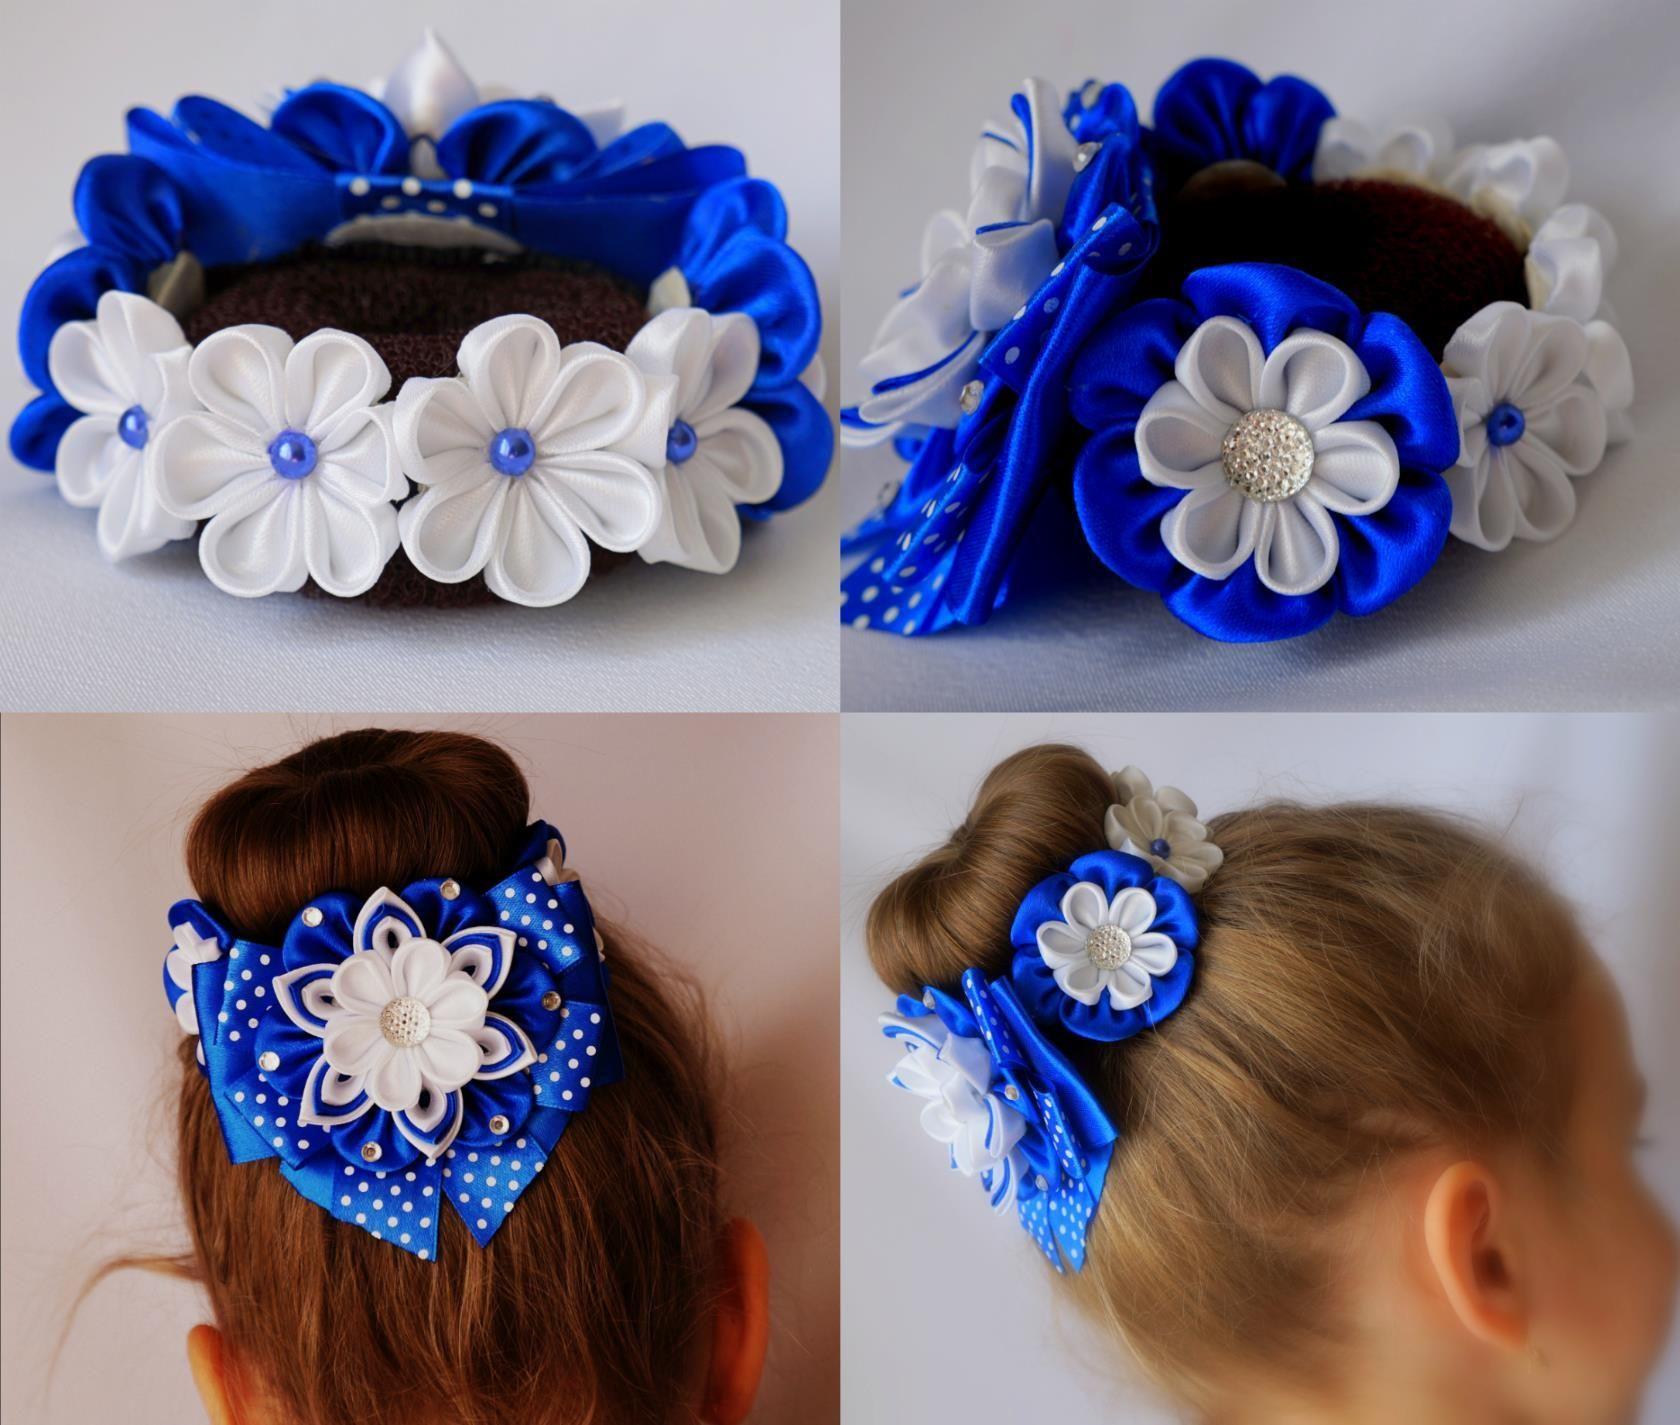 Резинка на пучок для волос своими руками сине белого цвета 64